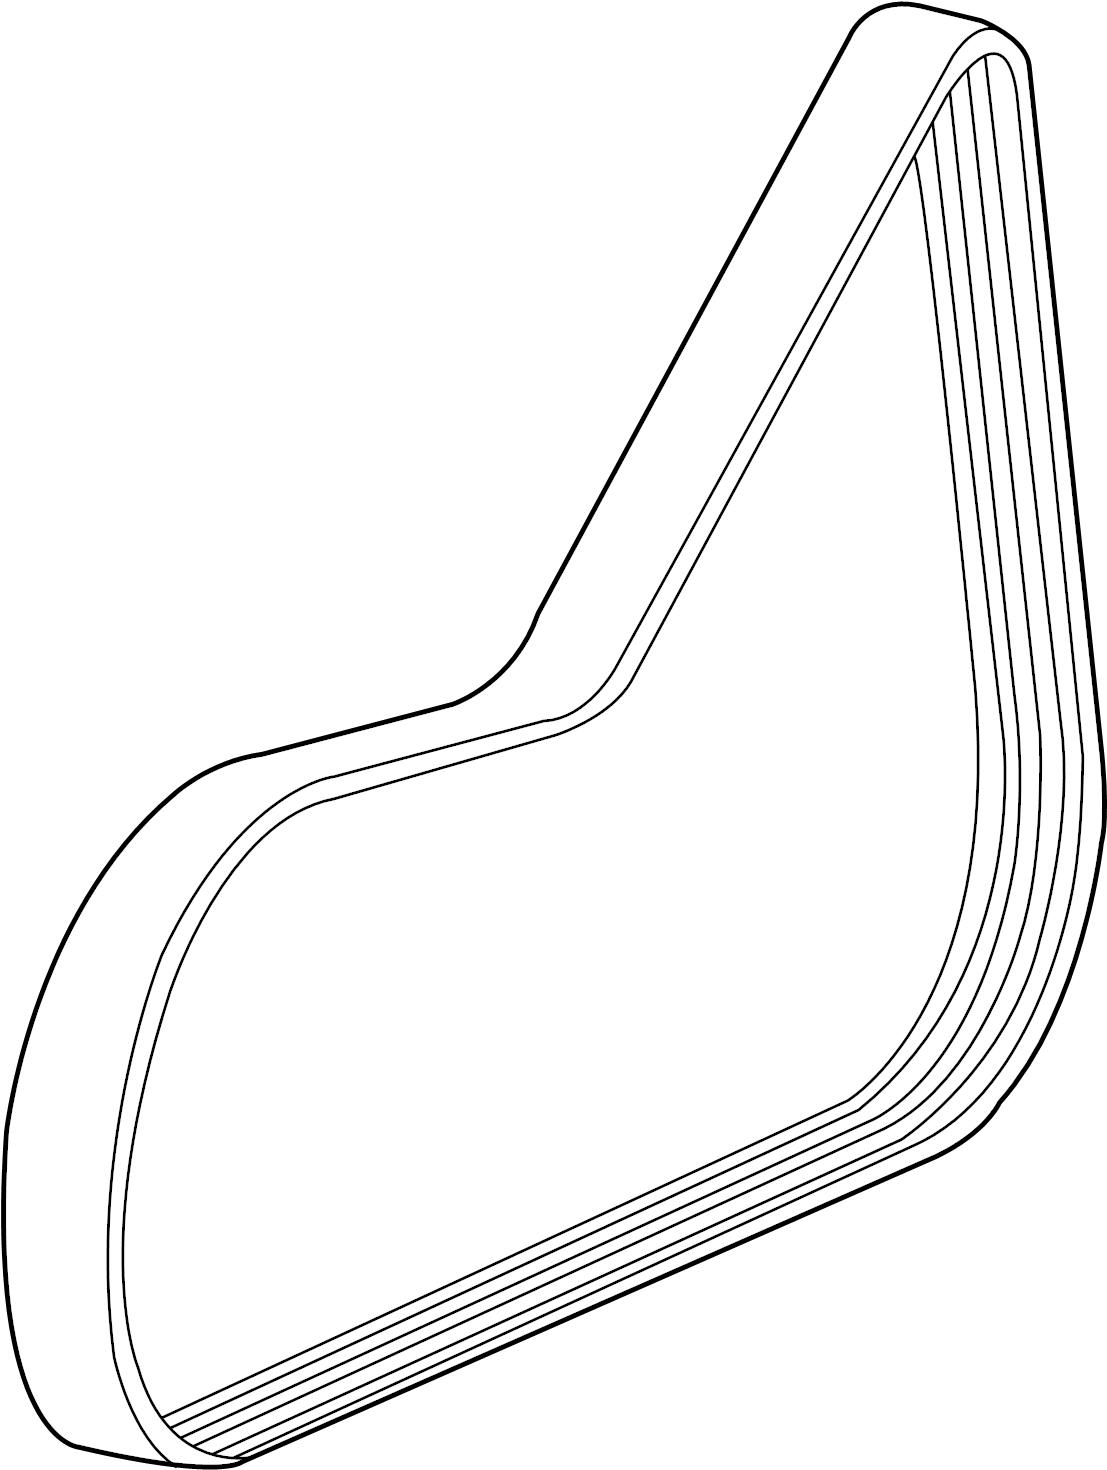 Gm Serpentine Belt Routing Diagram